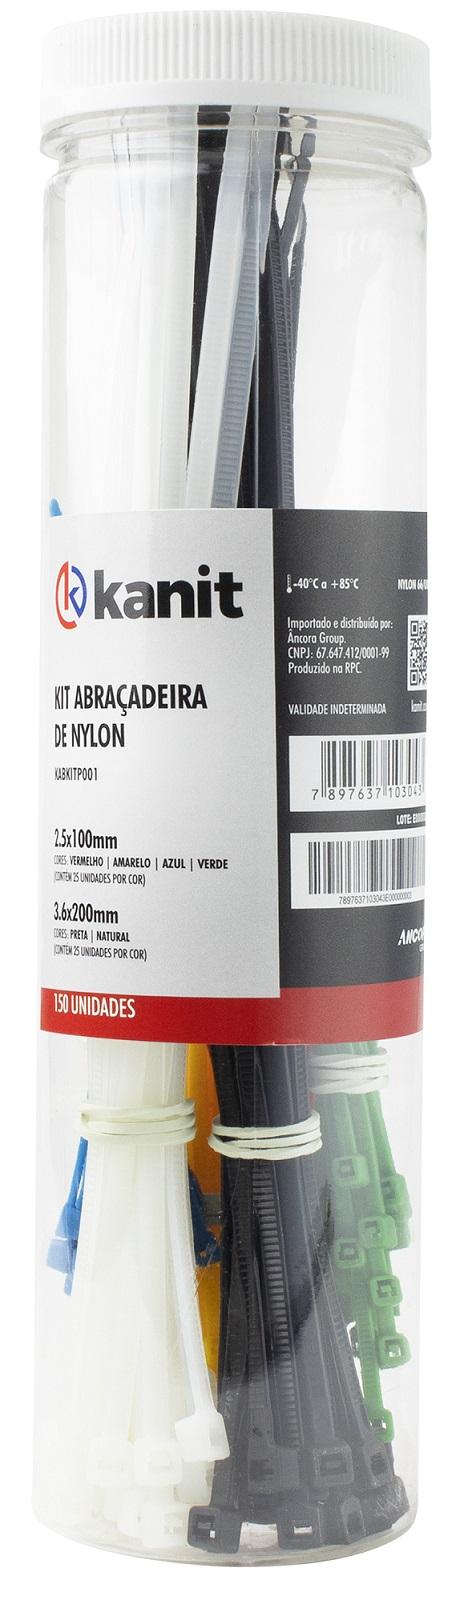 Kit (150 x Fitas Abraçadeiras) (Nylon)  21,35 mm